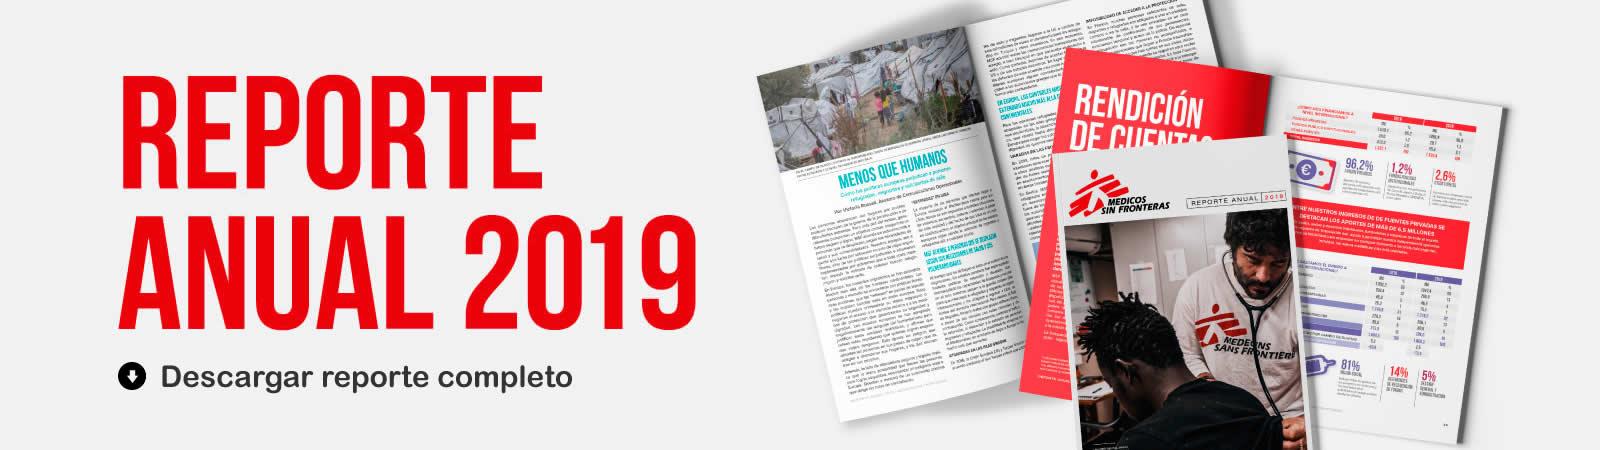 Descargar reporte anual 2019